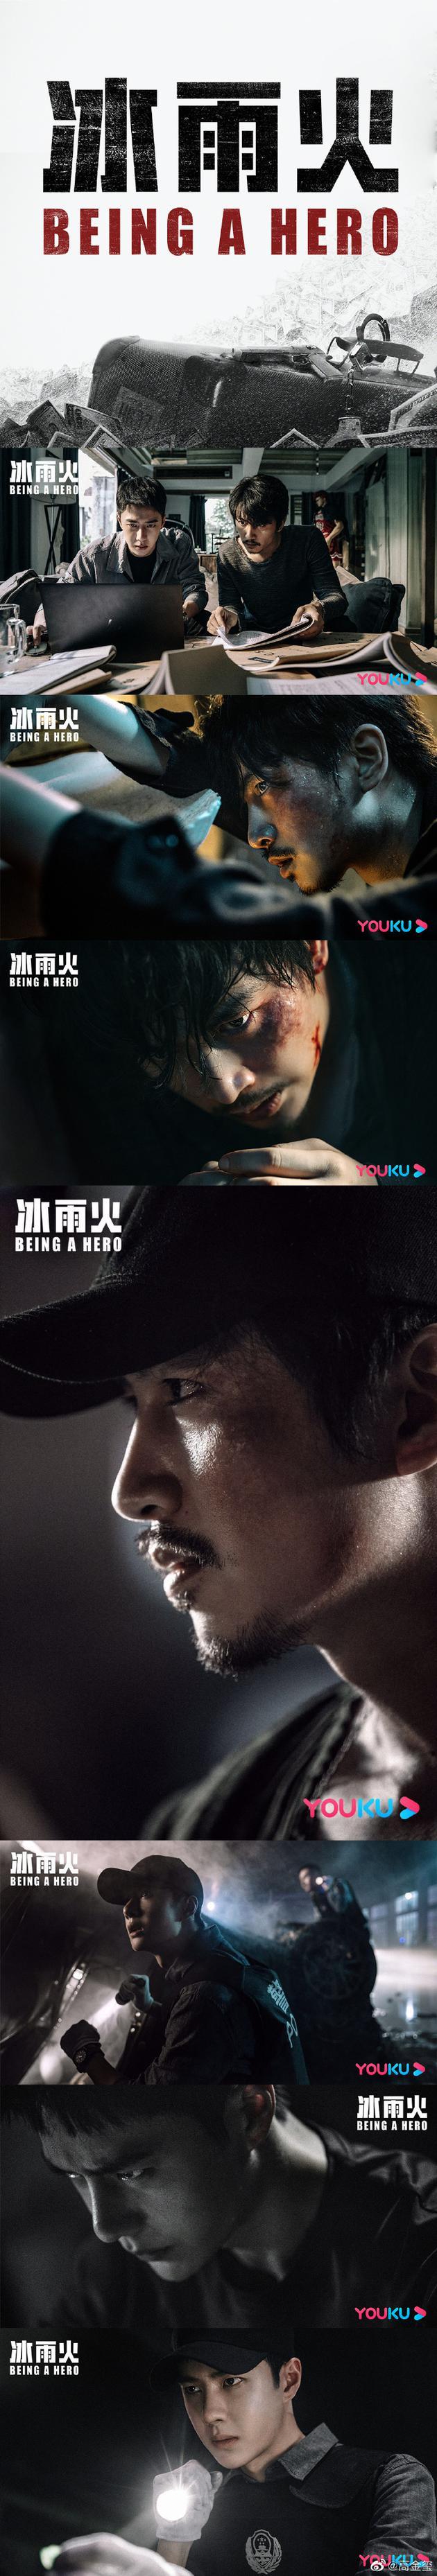 新丽副总被《冰雨火》王一博演技圈粉:太惊艳了